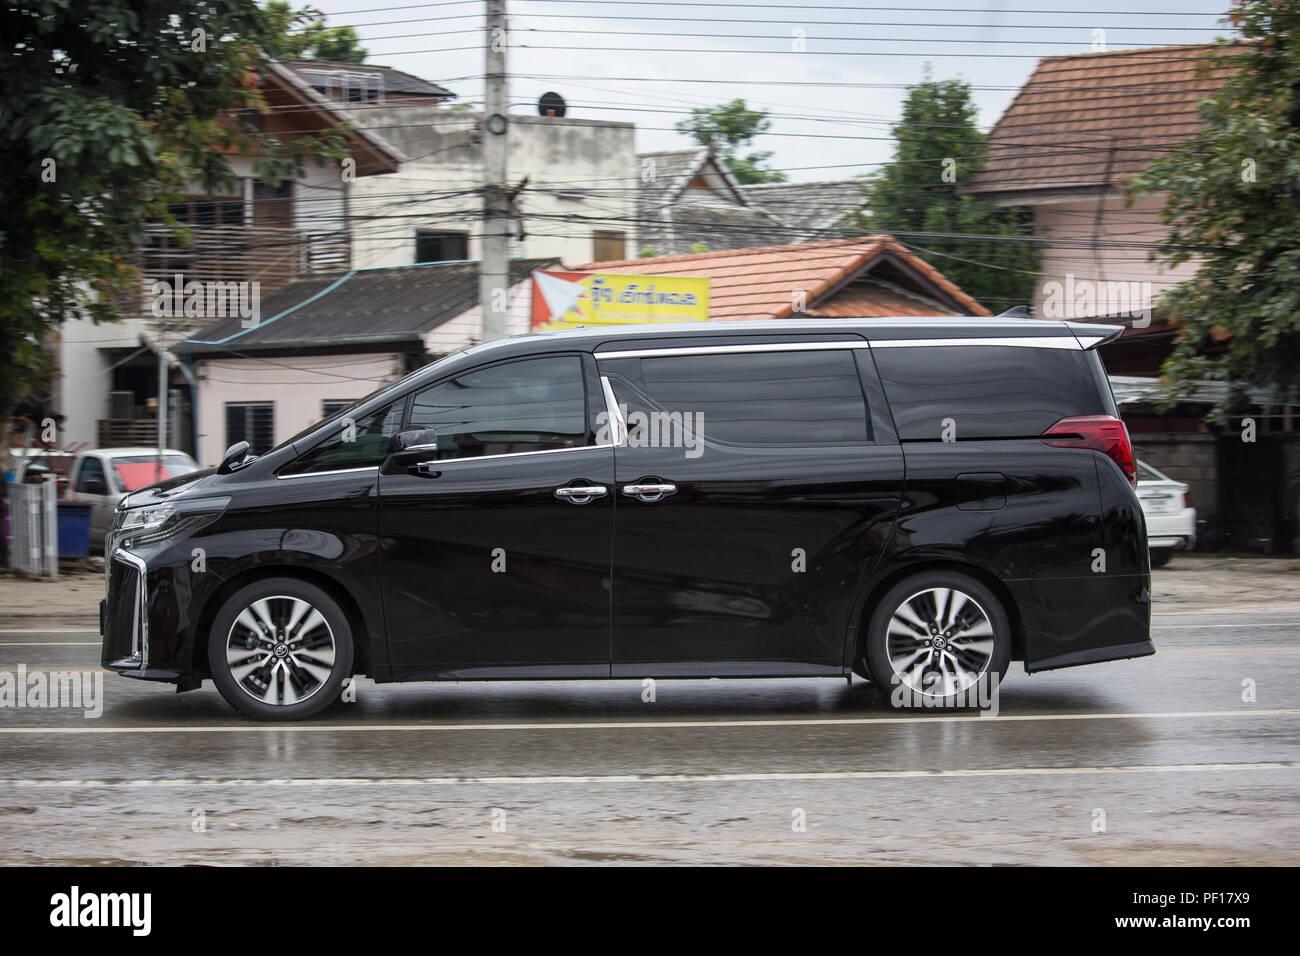 Kelebihan Kekurangan Toyota Alphard 2018 Perbandingan Harga